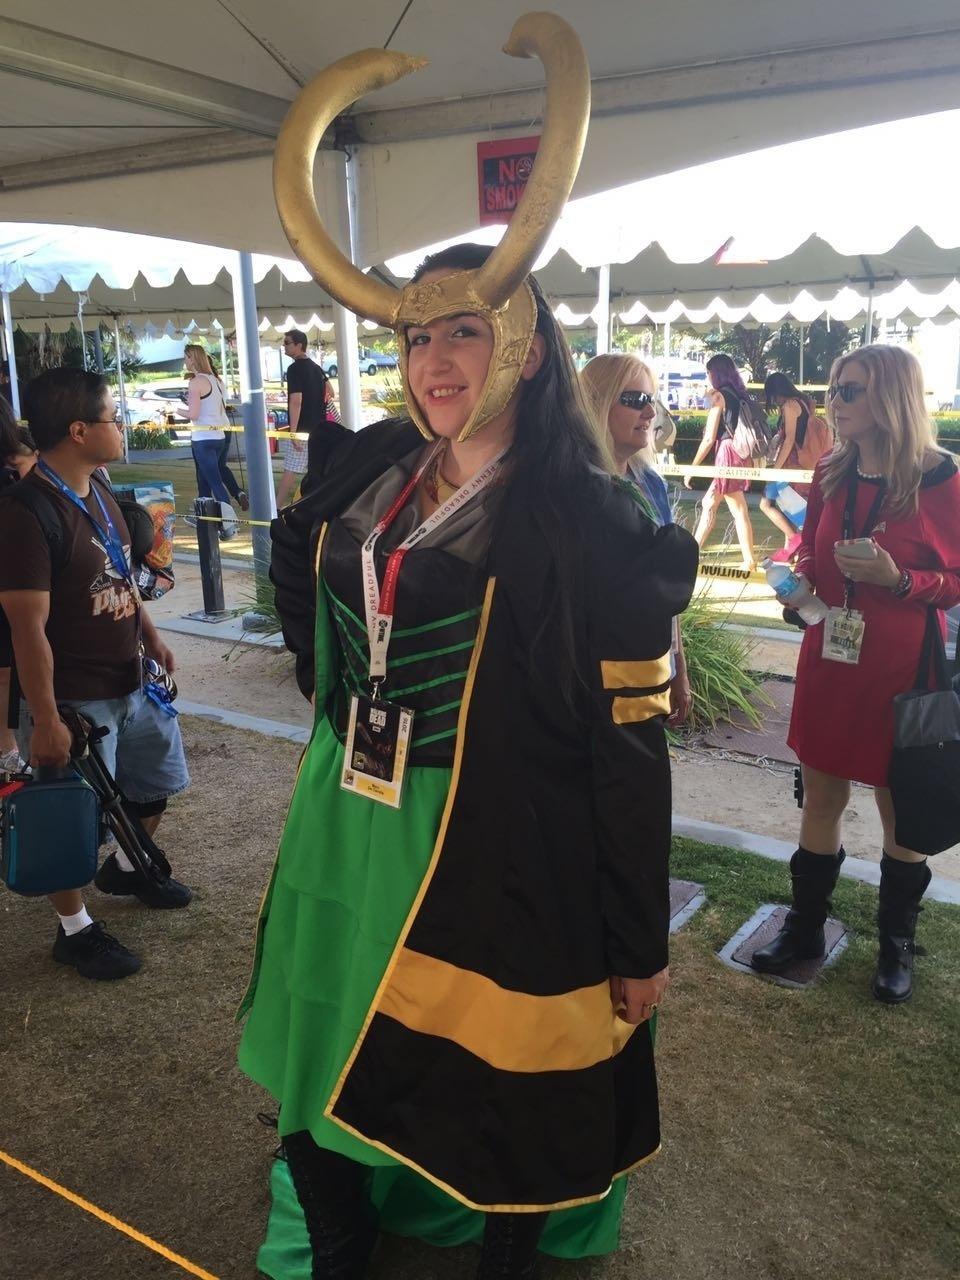 21.jul.2016 - A cosplayer Mary de Candia vai vestida de Loki para a San Diego Comic-Con, em uma versão feminina do vilão da Marvel